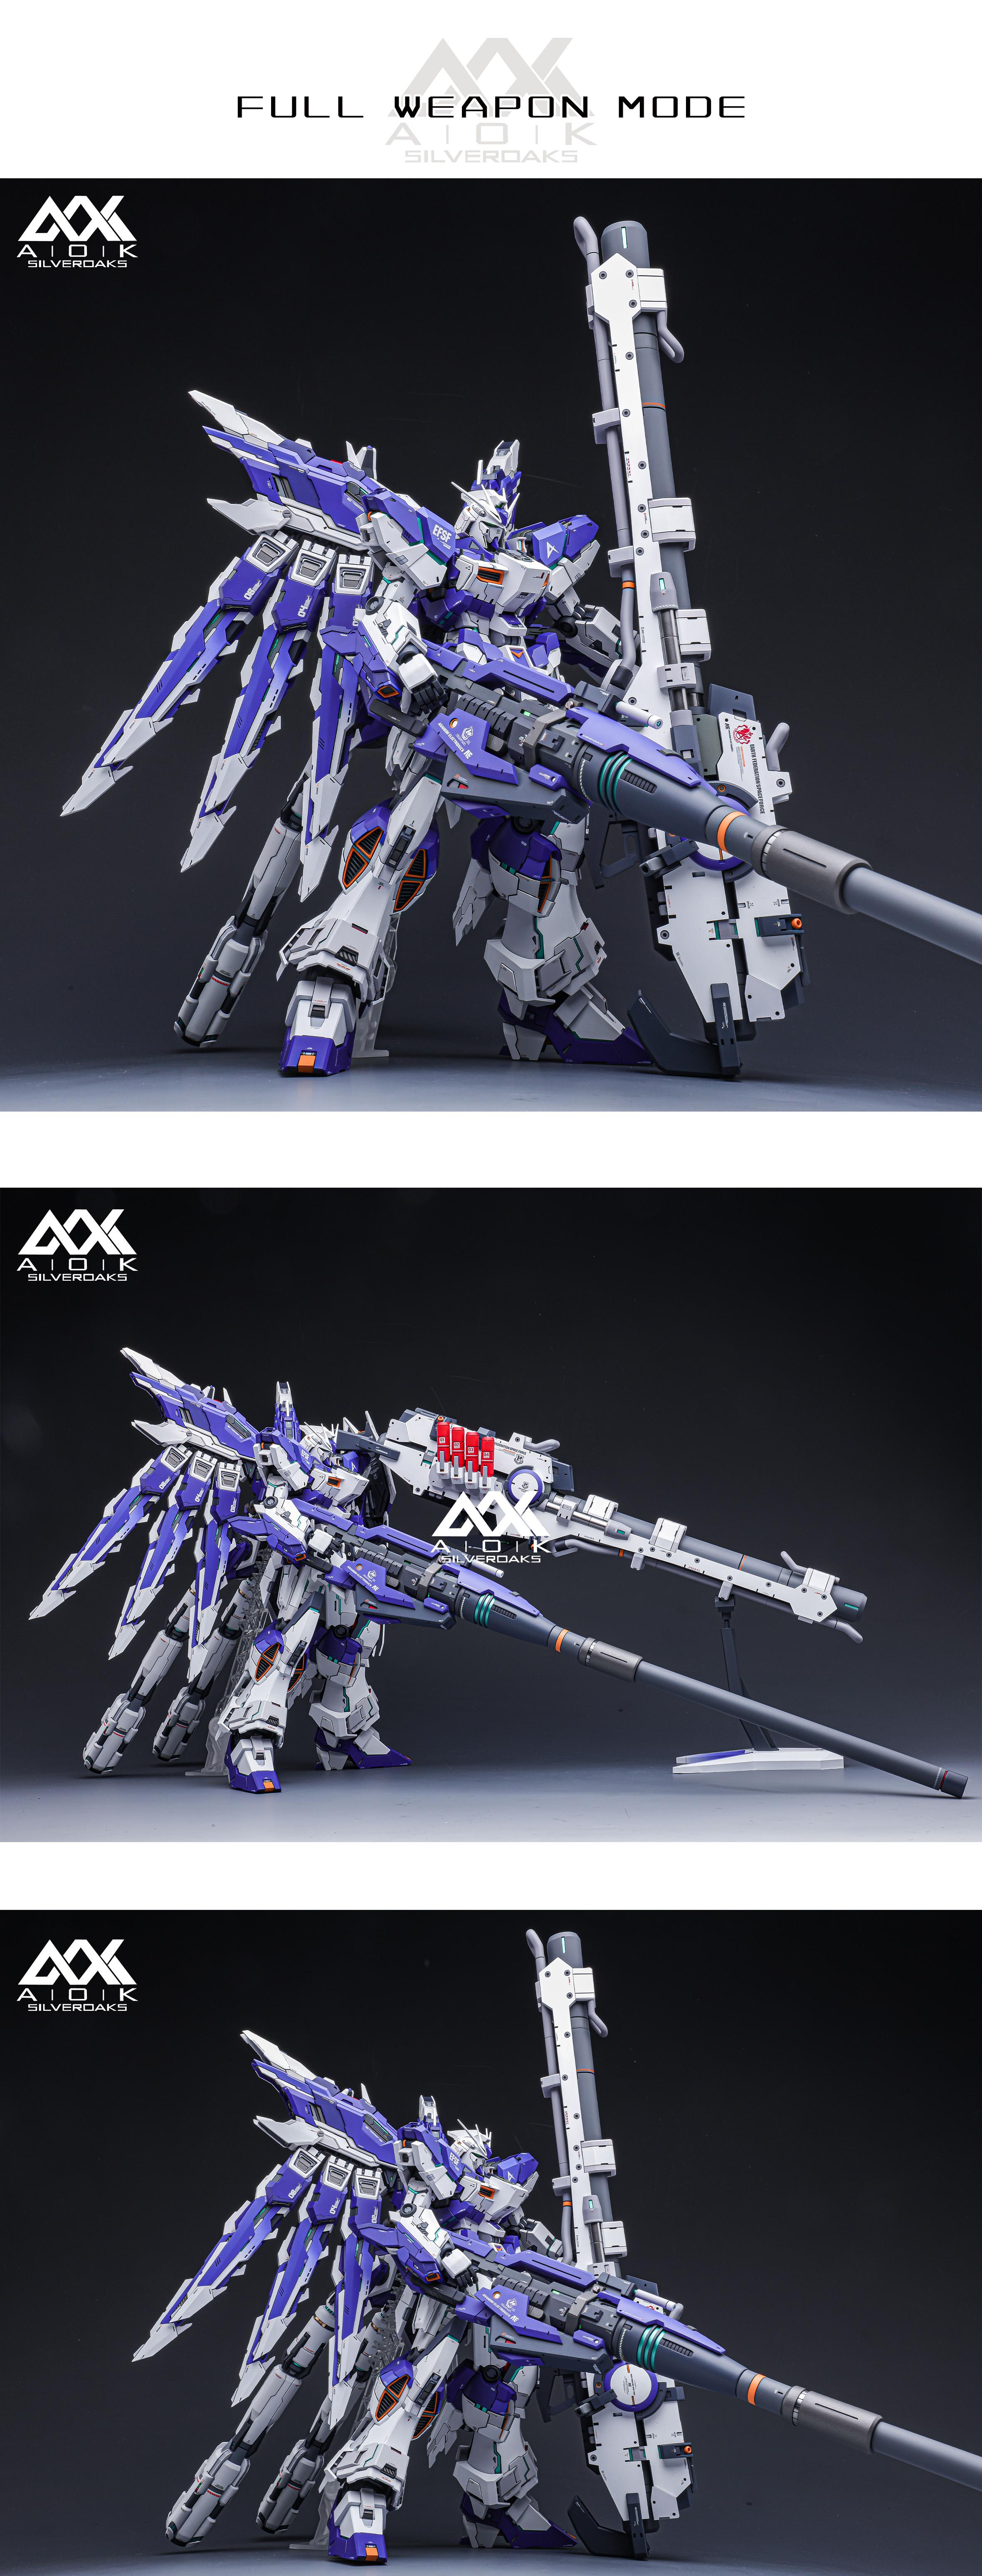 G822_rg_MG_mega_bazooka_launcher_AOK_009.jpg